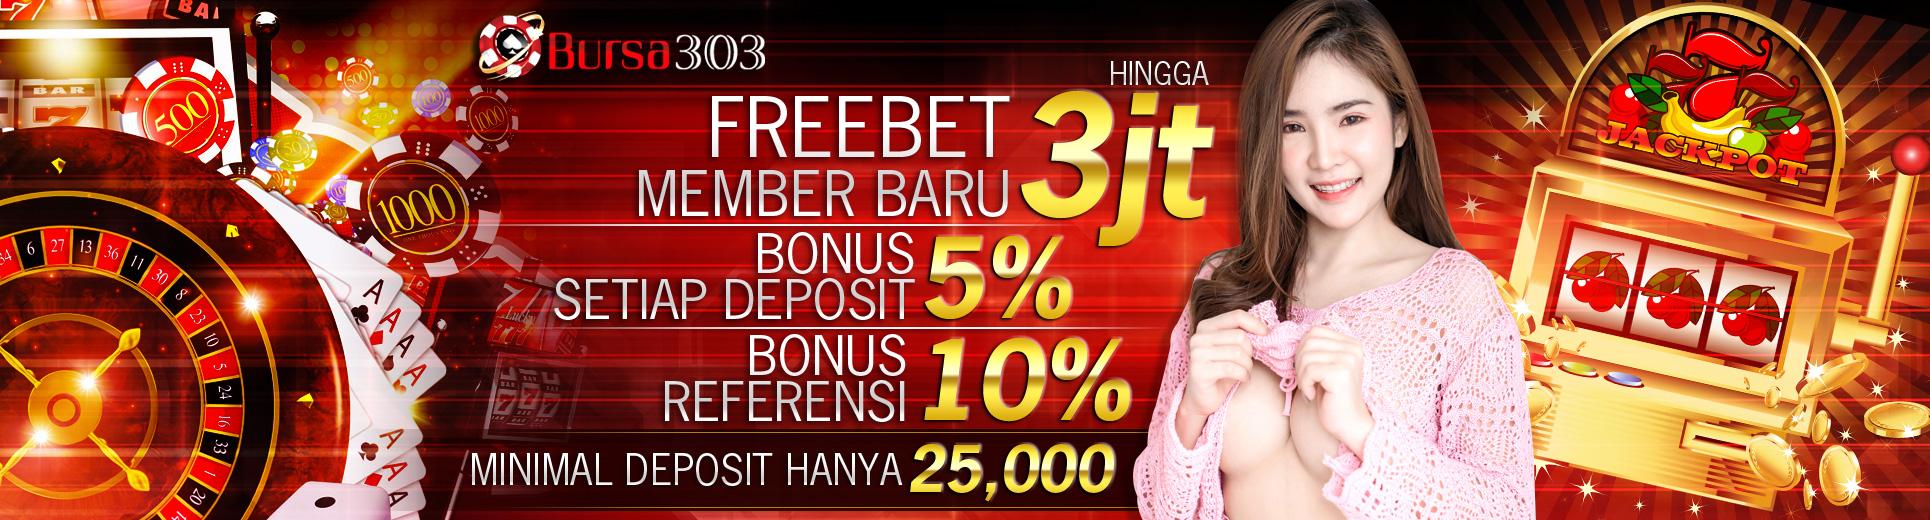 bonus bursa303